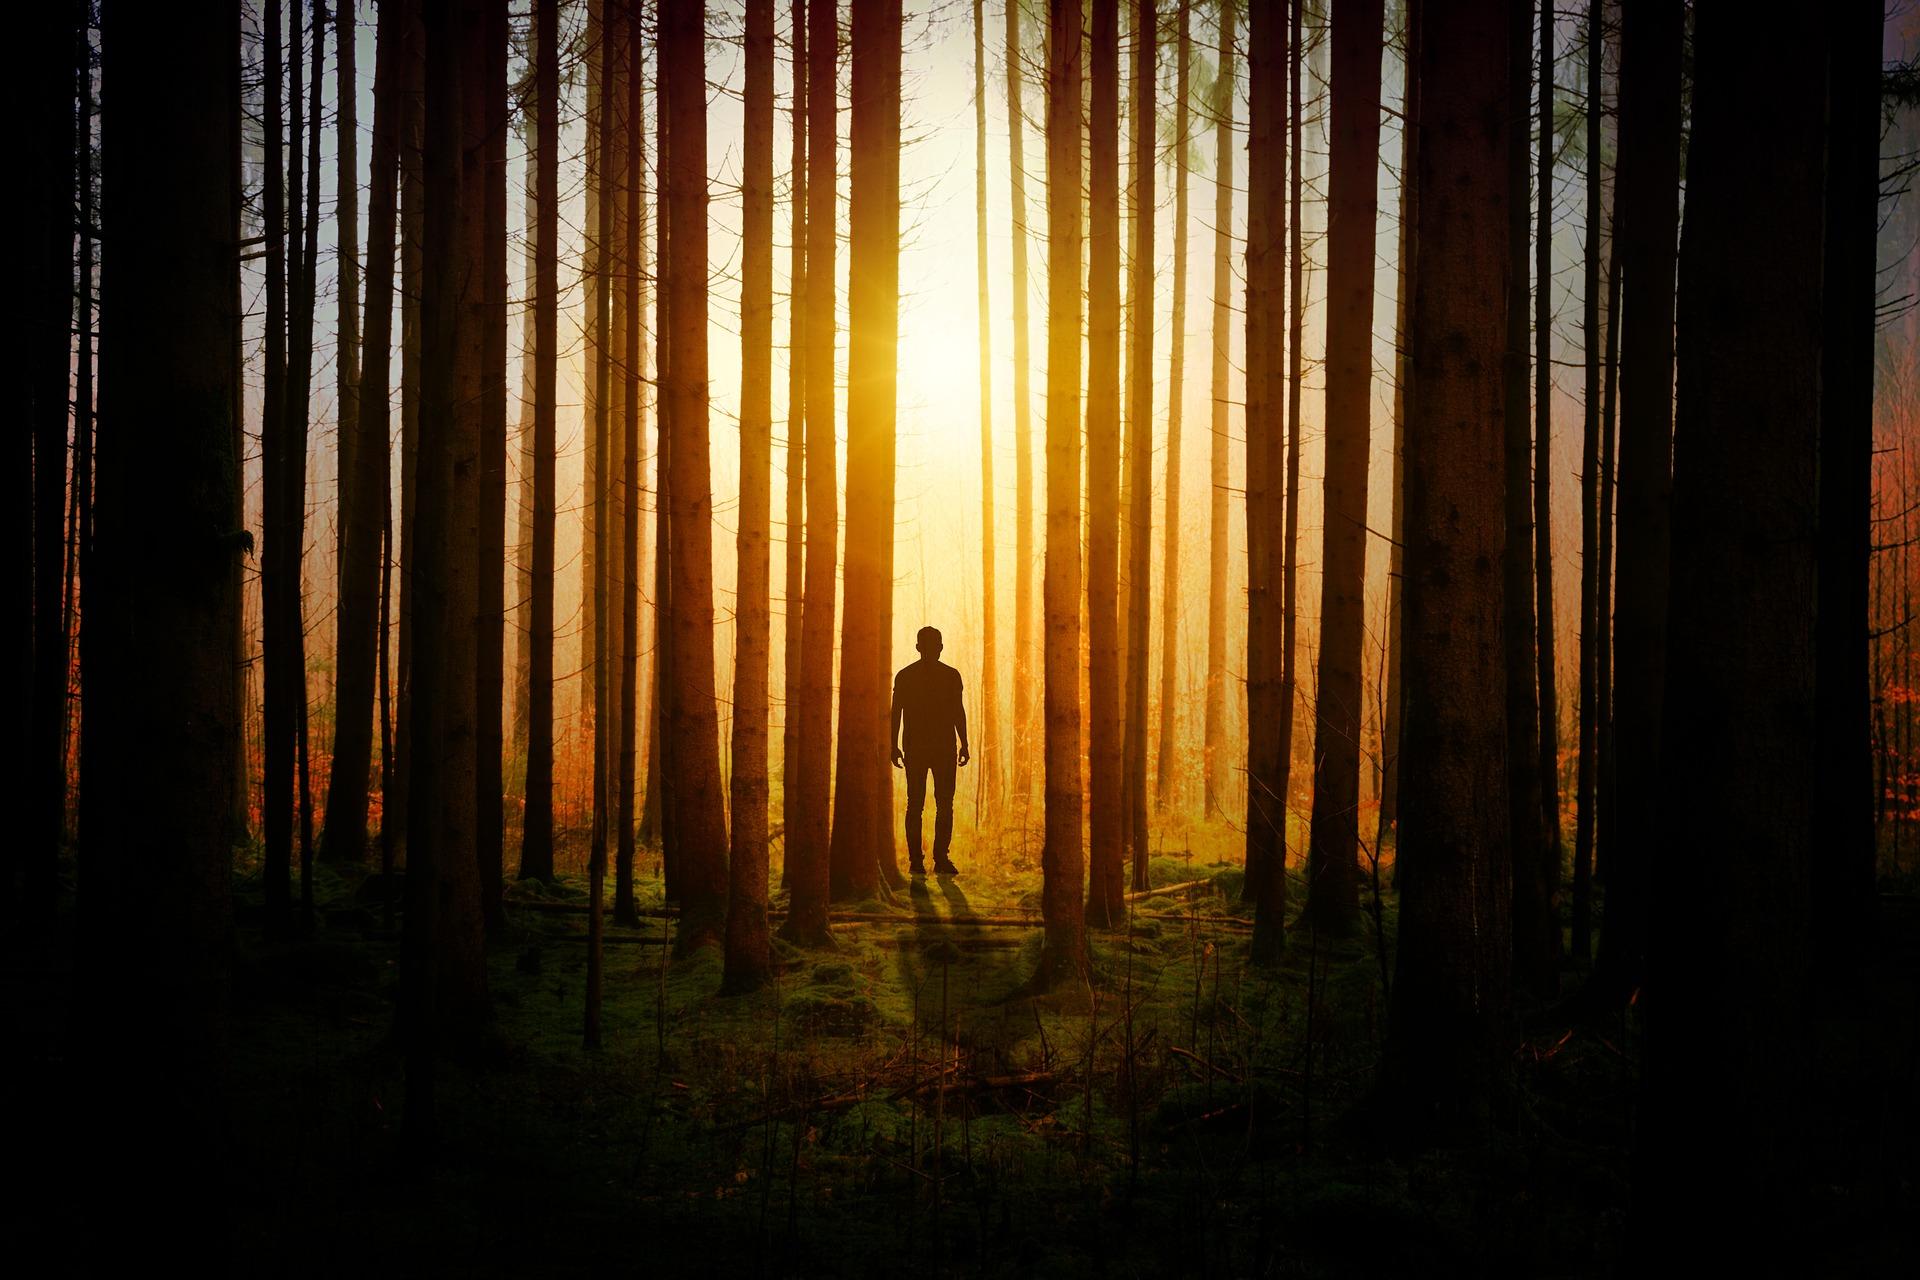 light-trees-wood